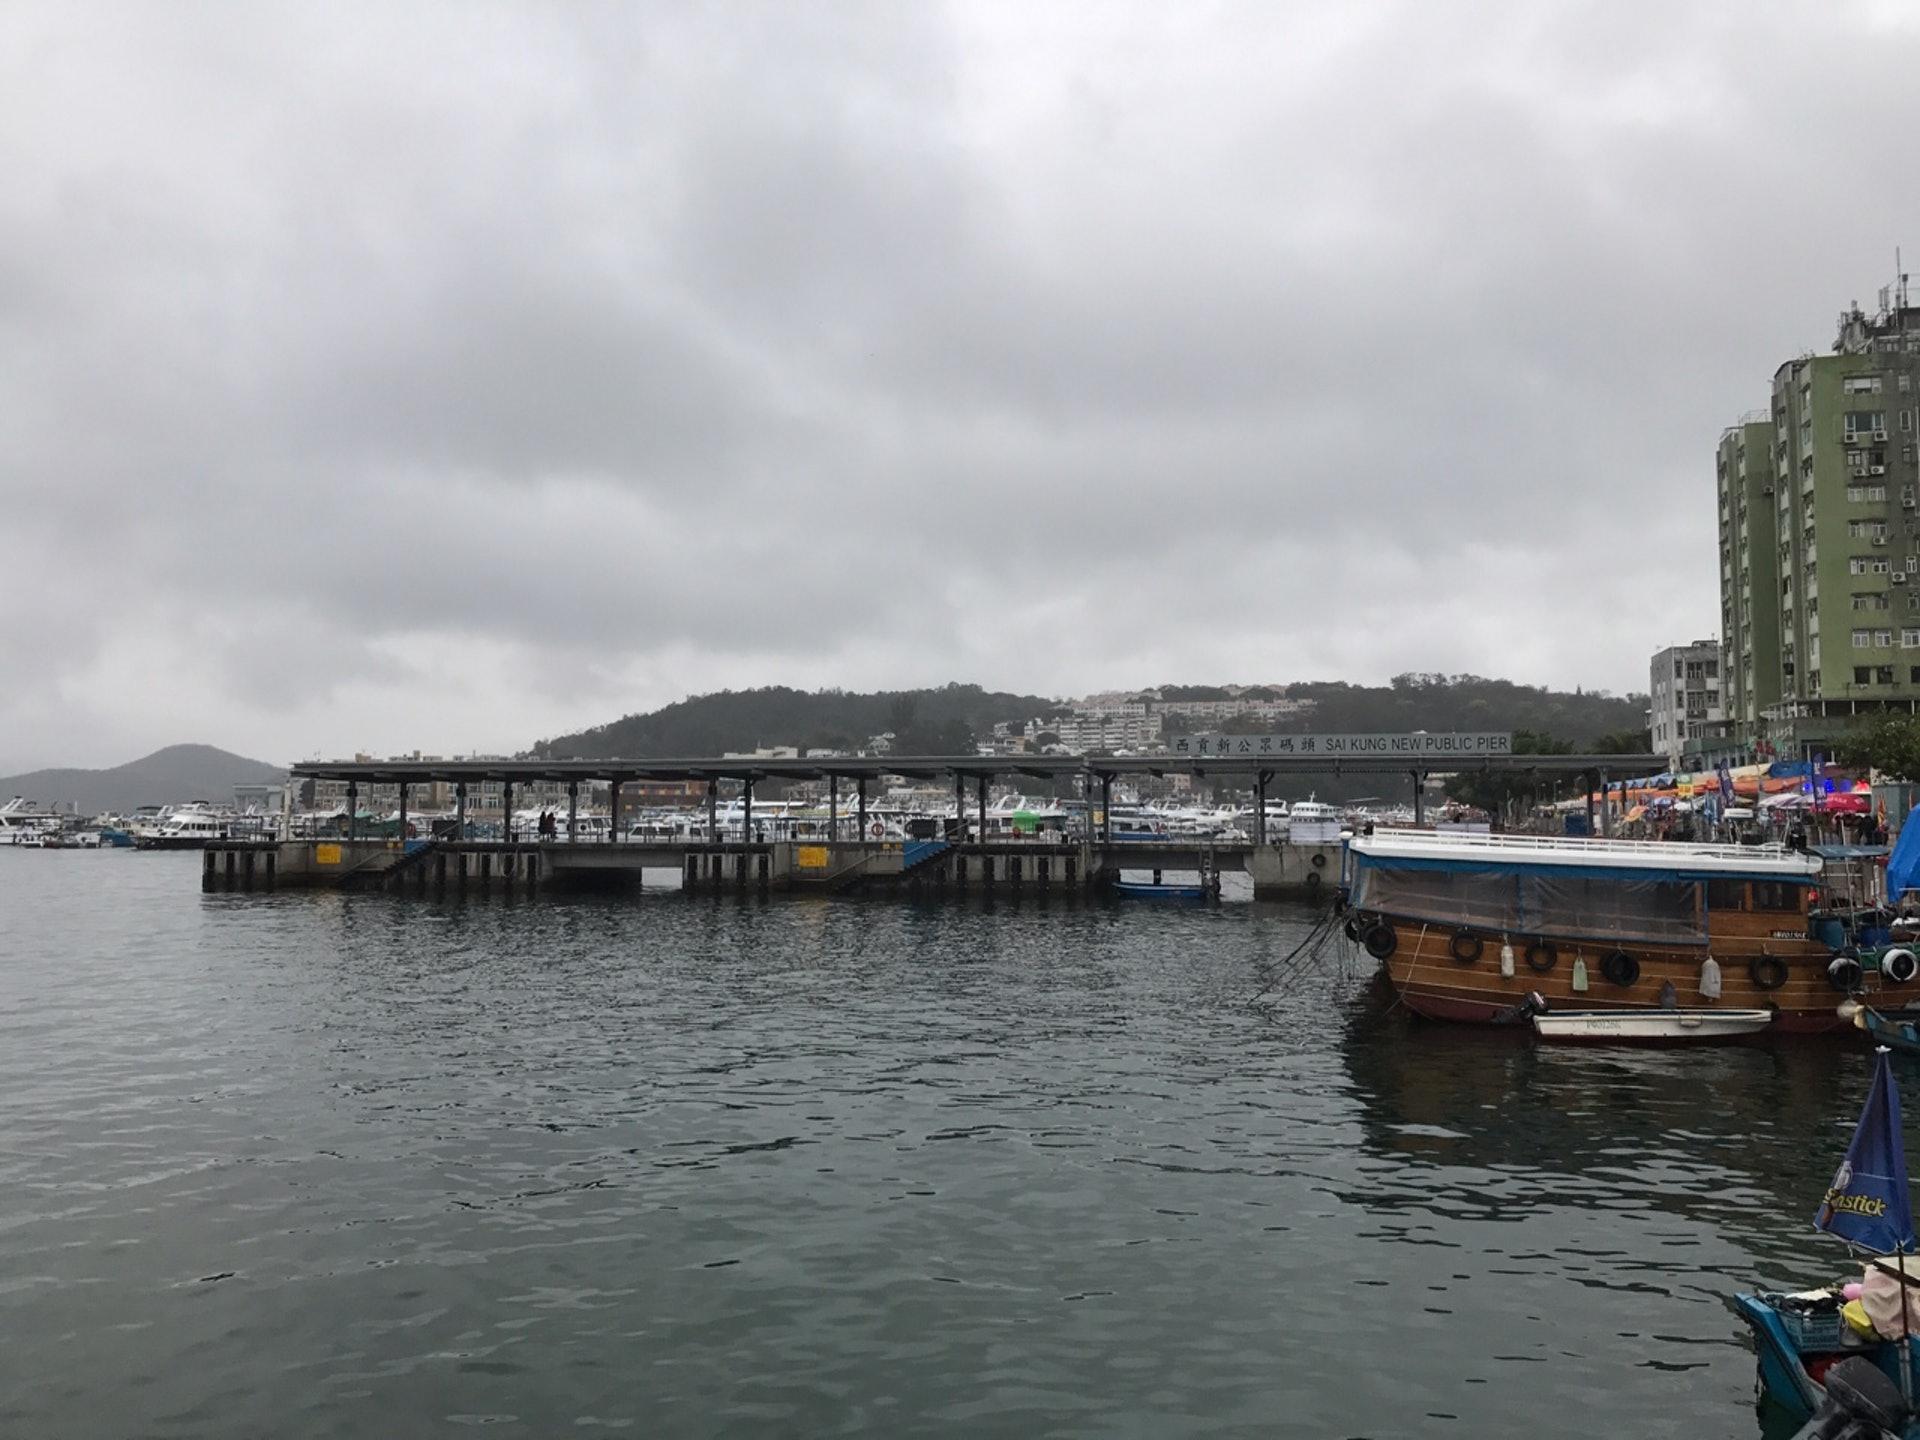 西貢碼頭以往為善信上船前往「放生」的熱點之一。(香港01記者攝)